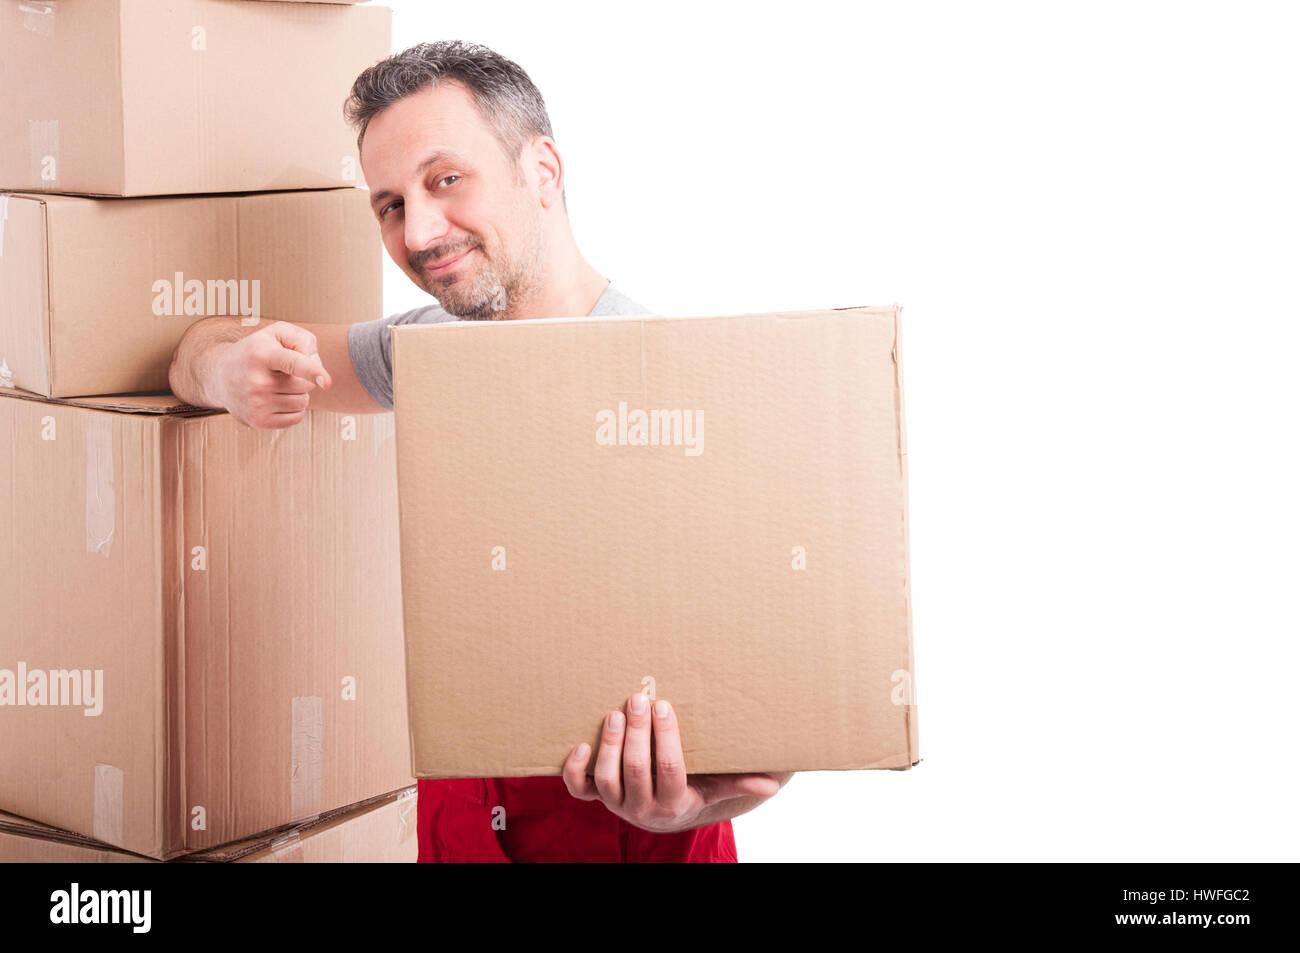 Mover ragazzo indossa rosso azienda globale e puntando una grande scatola di cartone e sorridente isolati su sfondo Immagini Stock